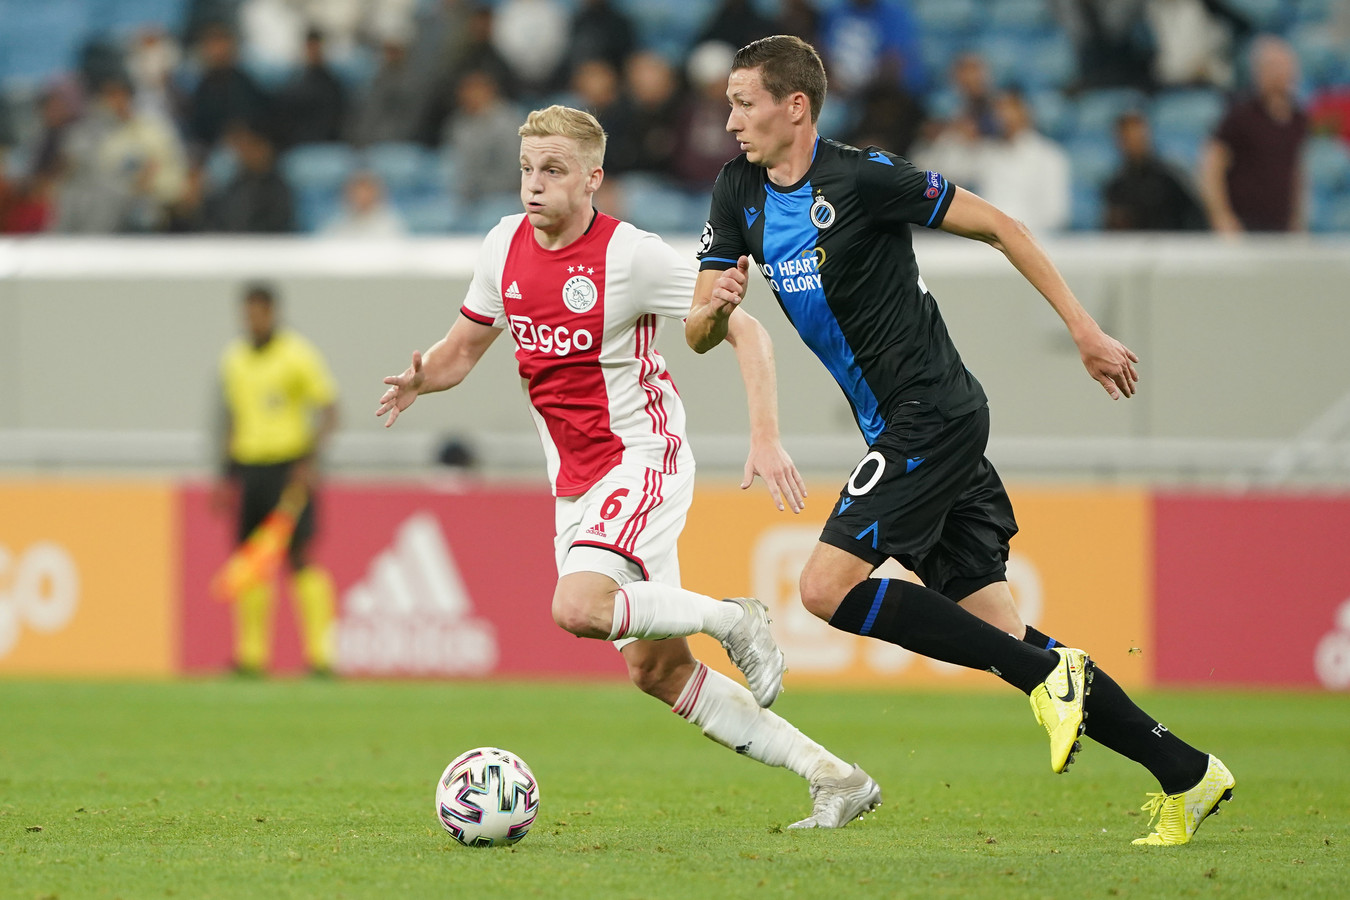 Ajax oefende deze winterstop in Qatar tegen Club Brugge. Spelen beide clubs straks in de Beneliga?